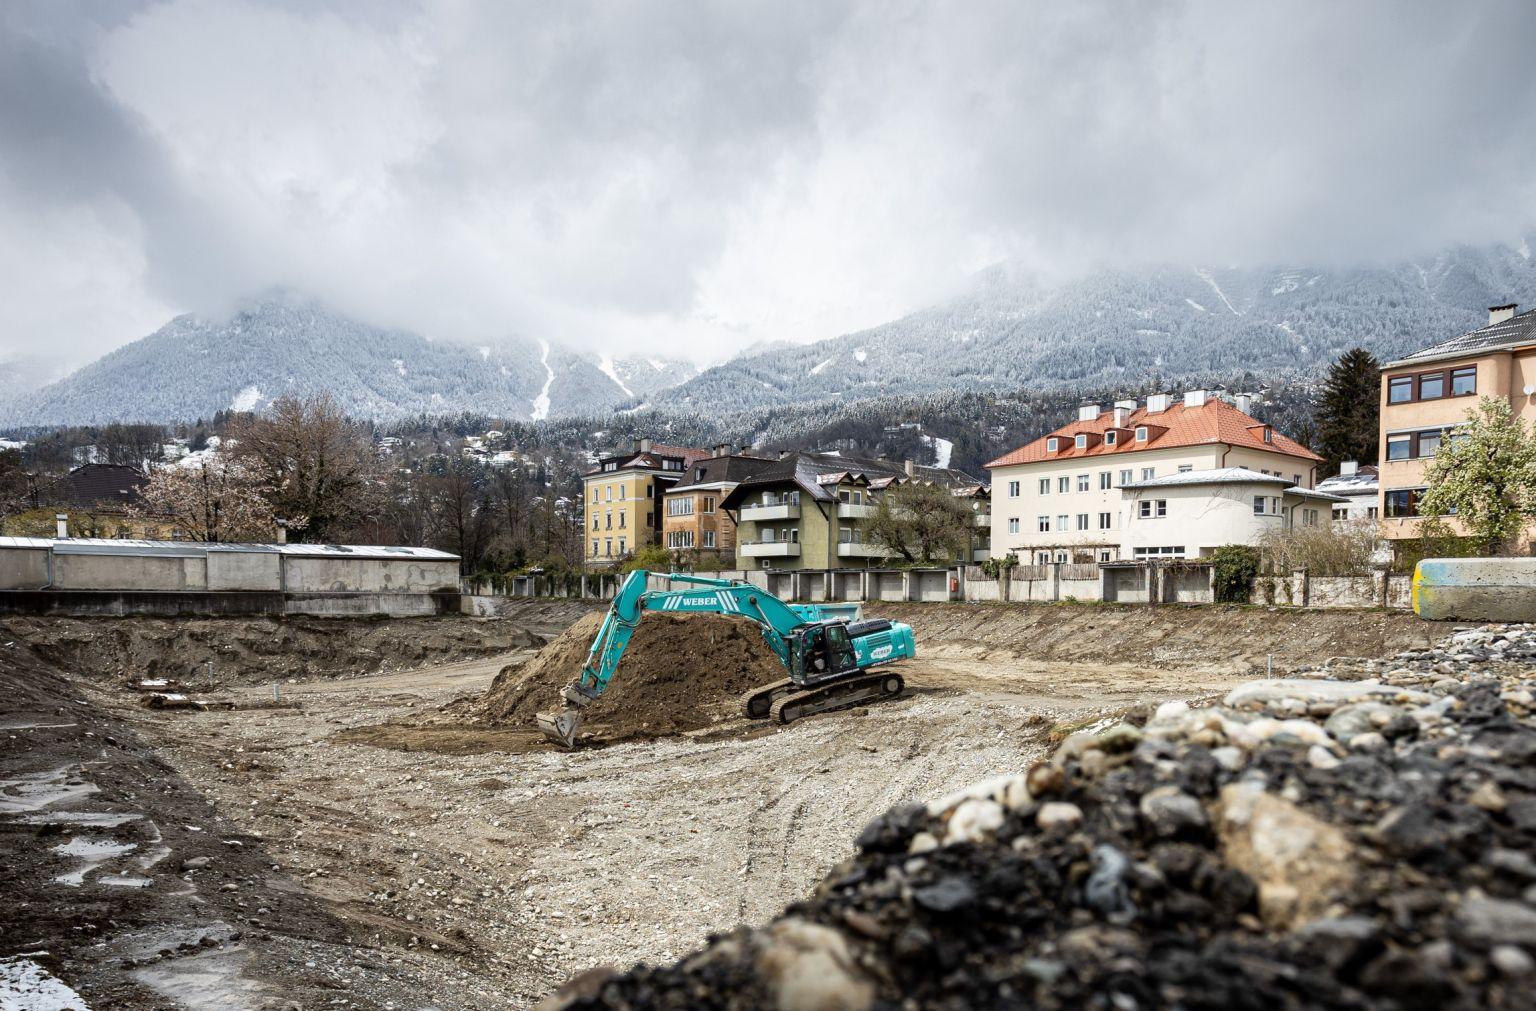 Baustart für Sicherheitszentrum in Tirol